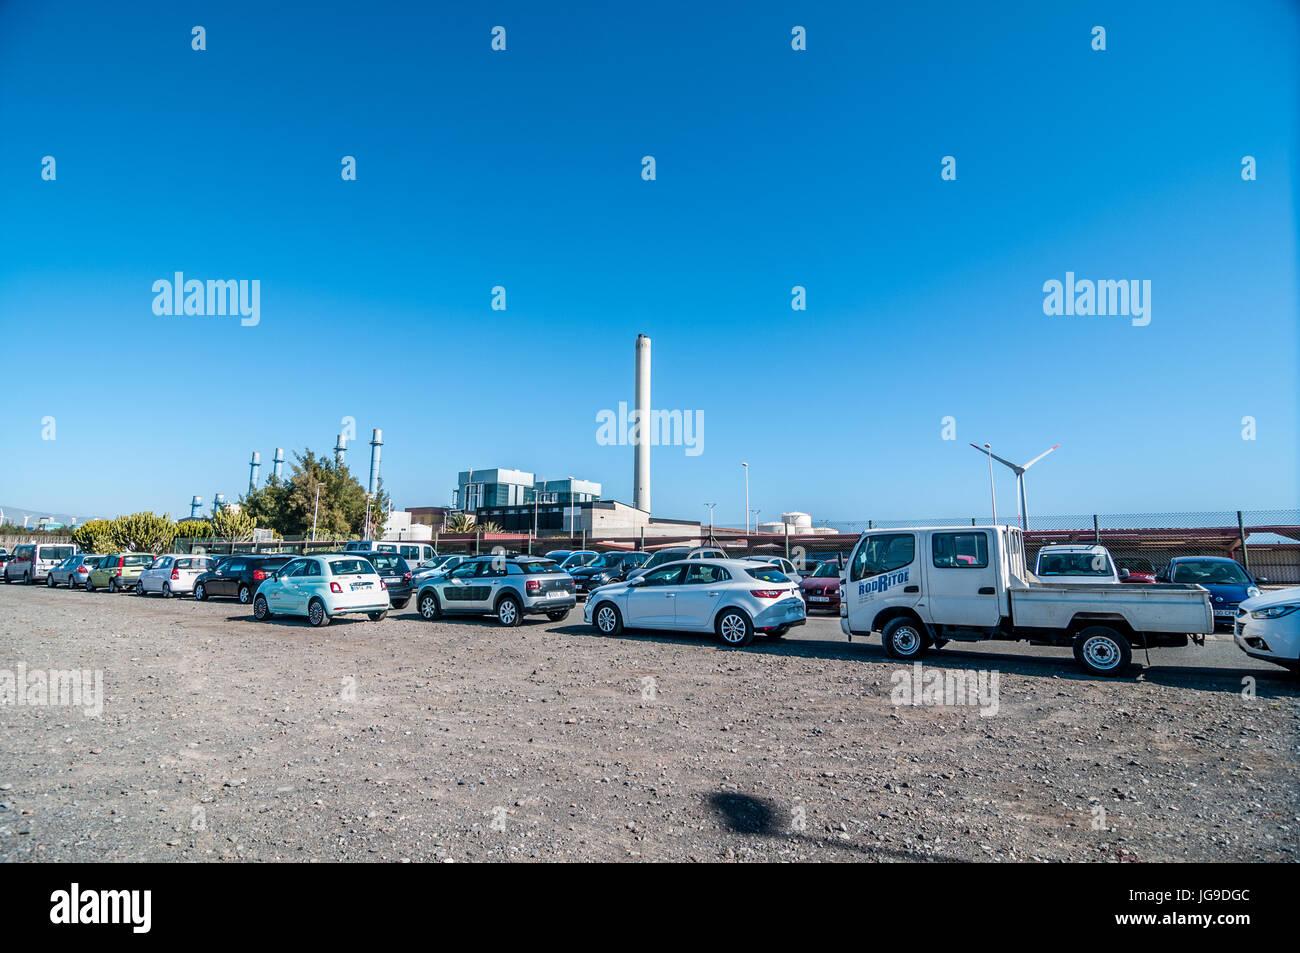 Parcheggio auto della centrale termoelettrica di Barranco de Tirajana in Gran Canaria Isole Canarie Spagna Immagini Stock